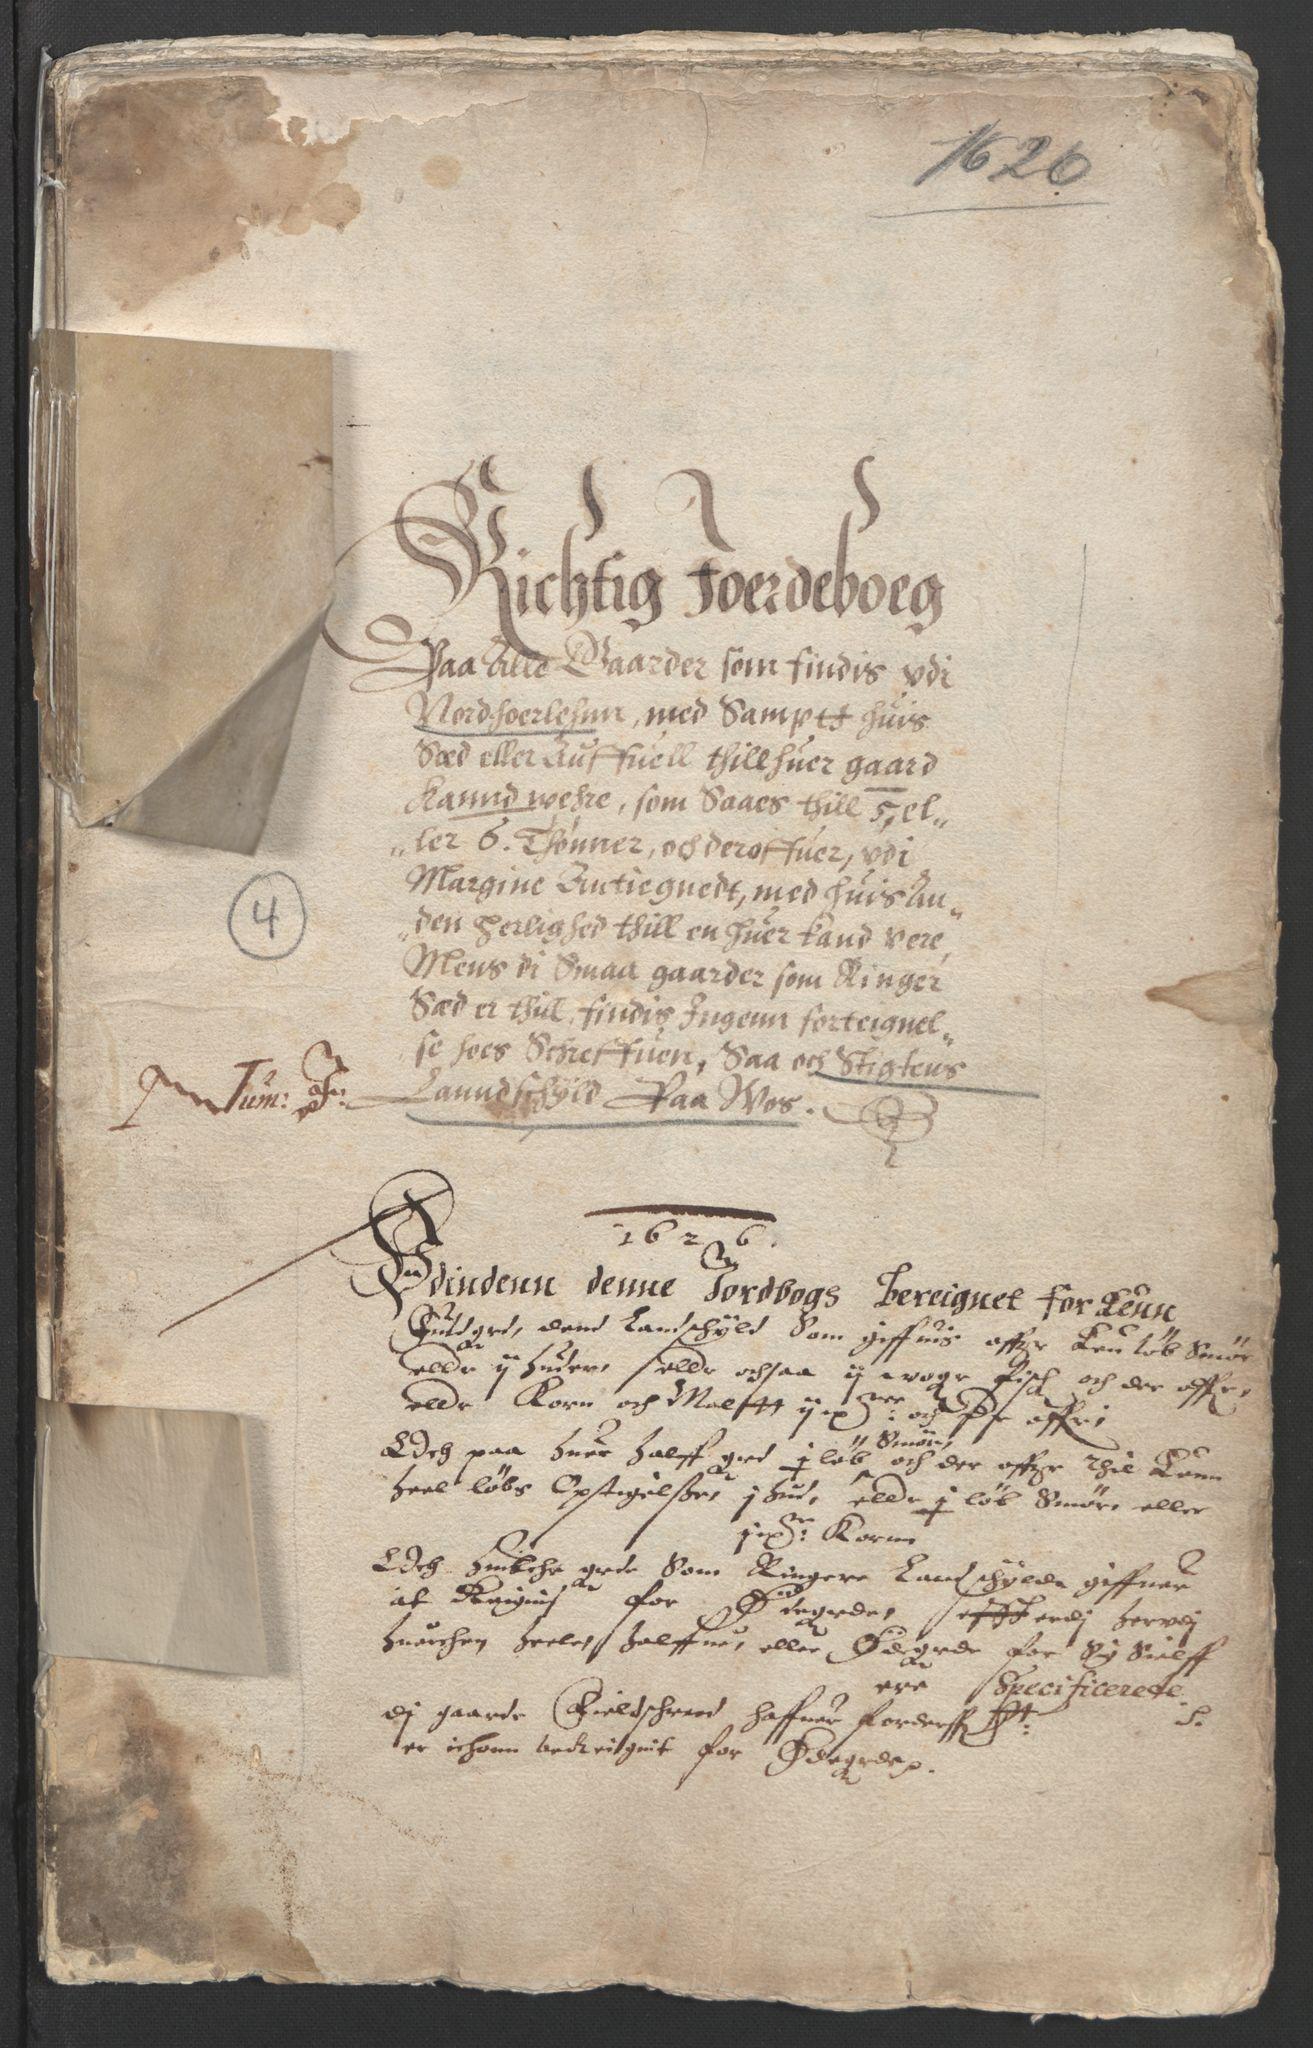 RA, Stattholderembetet 1572-1771, Ek/L0004: Jordebøker til utlikning av garnisonsskatt 1624-1626:, 1626, s. 130